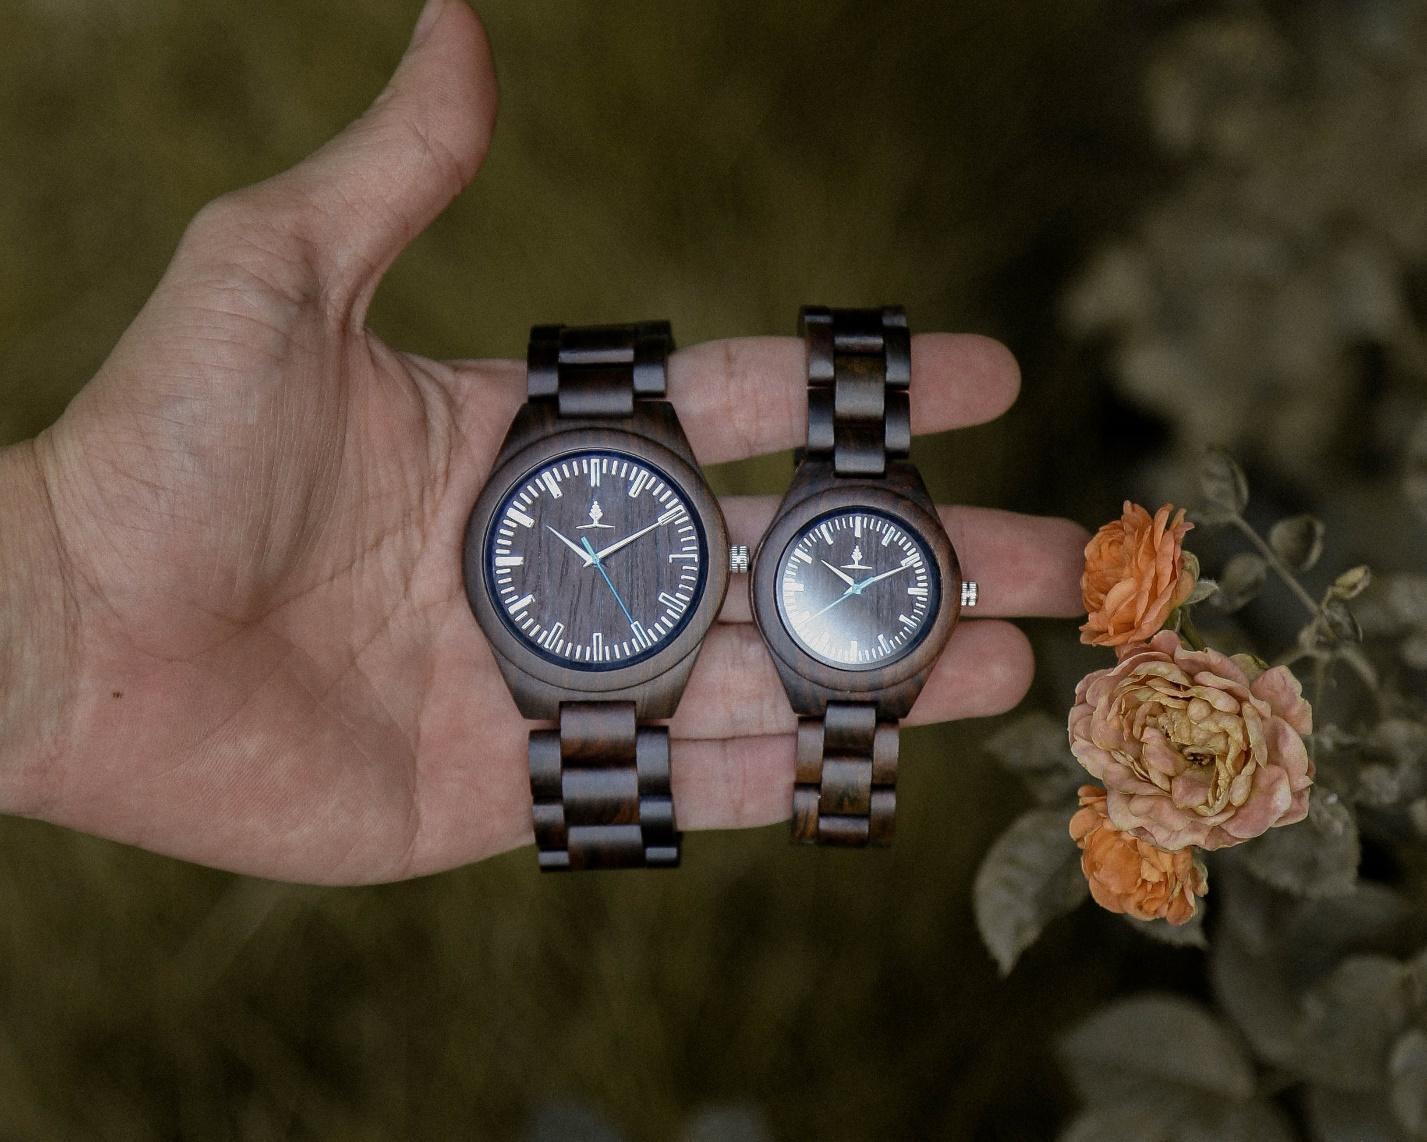 Đồng hồ đeo tay bằng gỗ - Sự khác biệt với nét đẹp cổ điển mang hơi thở hiện đại - Ảnh 1.